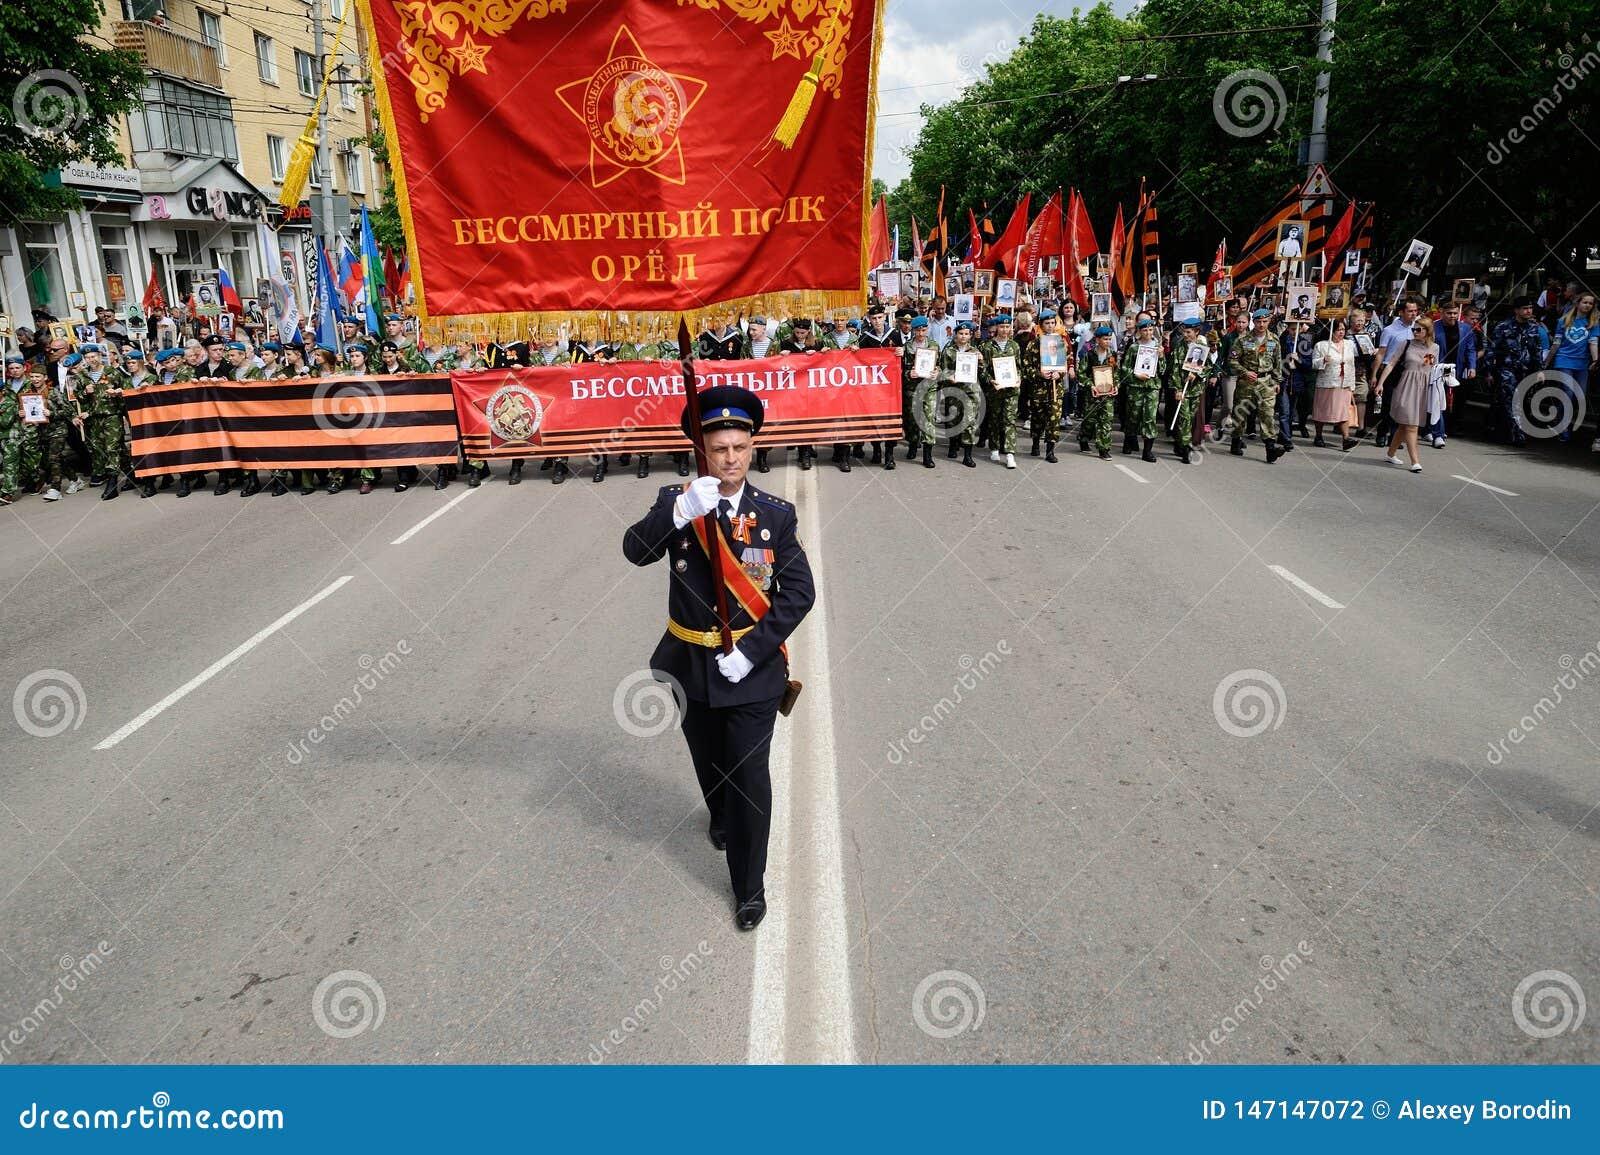 奥勒尔号,俄罗斯,2019年5月09日:胜利天,不朽的军团游行 有红旗的官员前进在人面前巨大的人群的